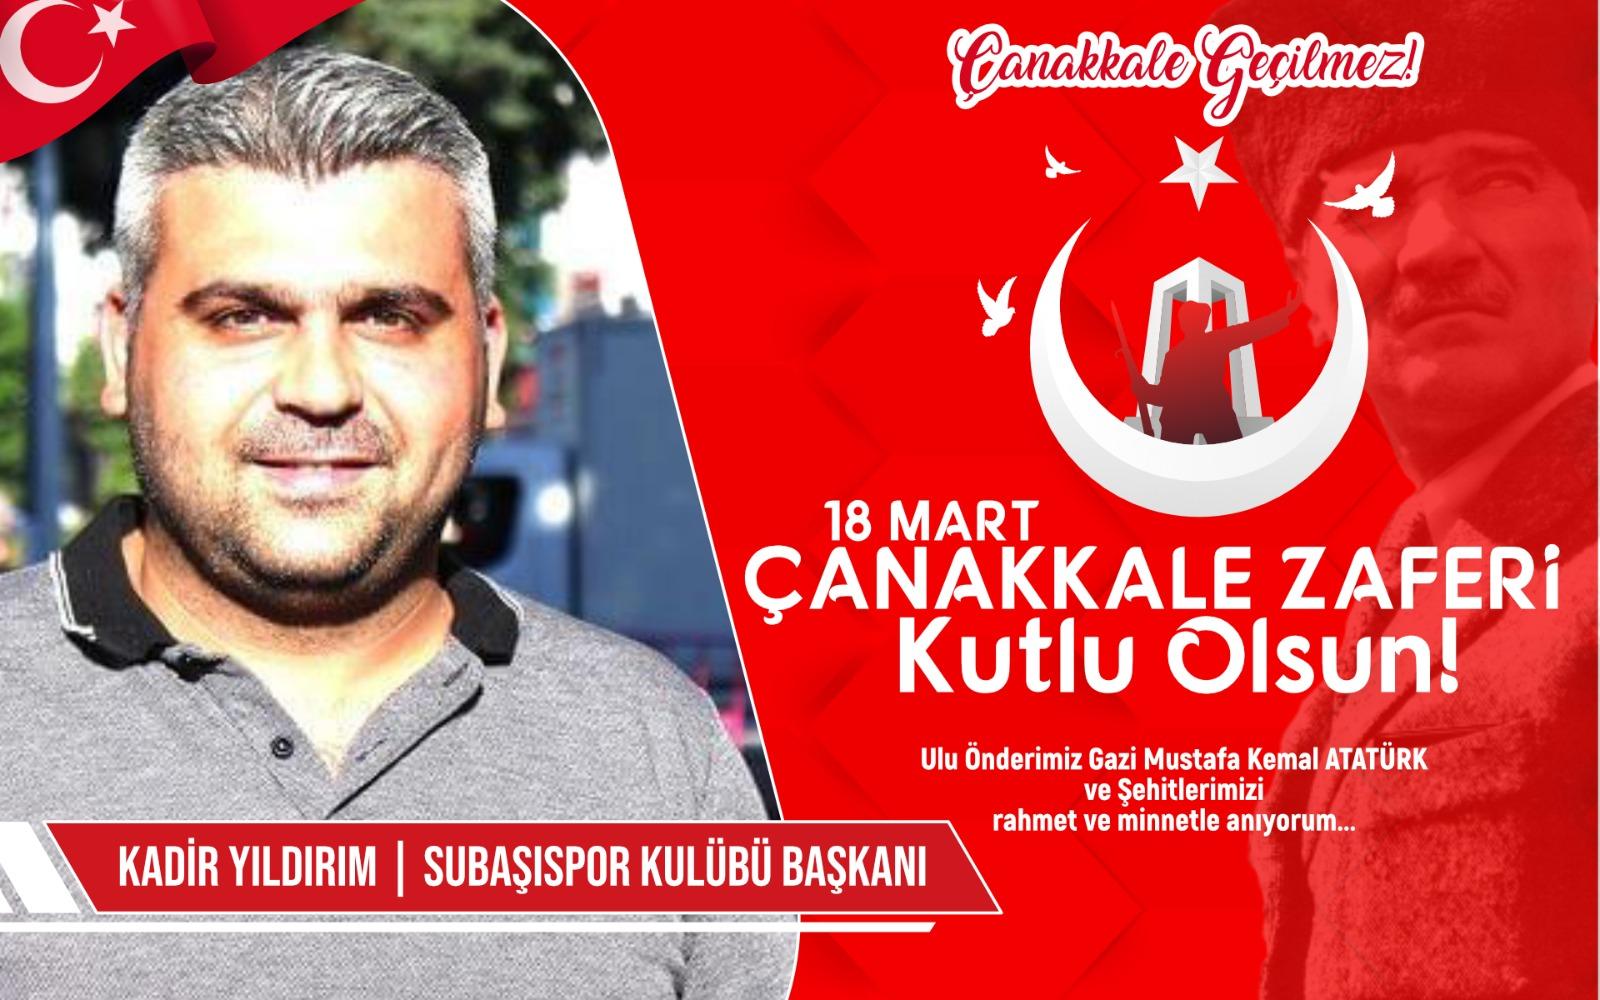 Subaşıspor kulübü Başkanı Kadir Yıldırım'dan Kutlama ve Anma mesajı